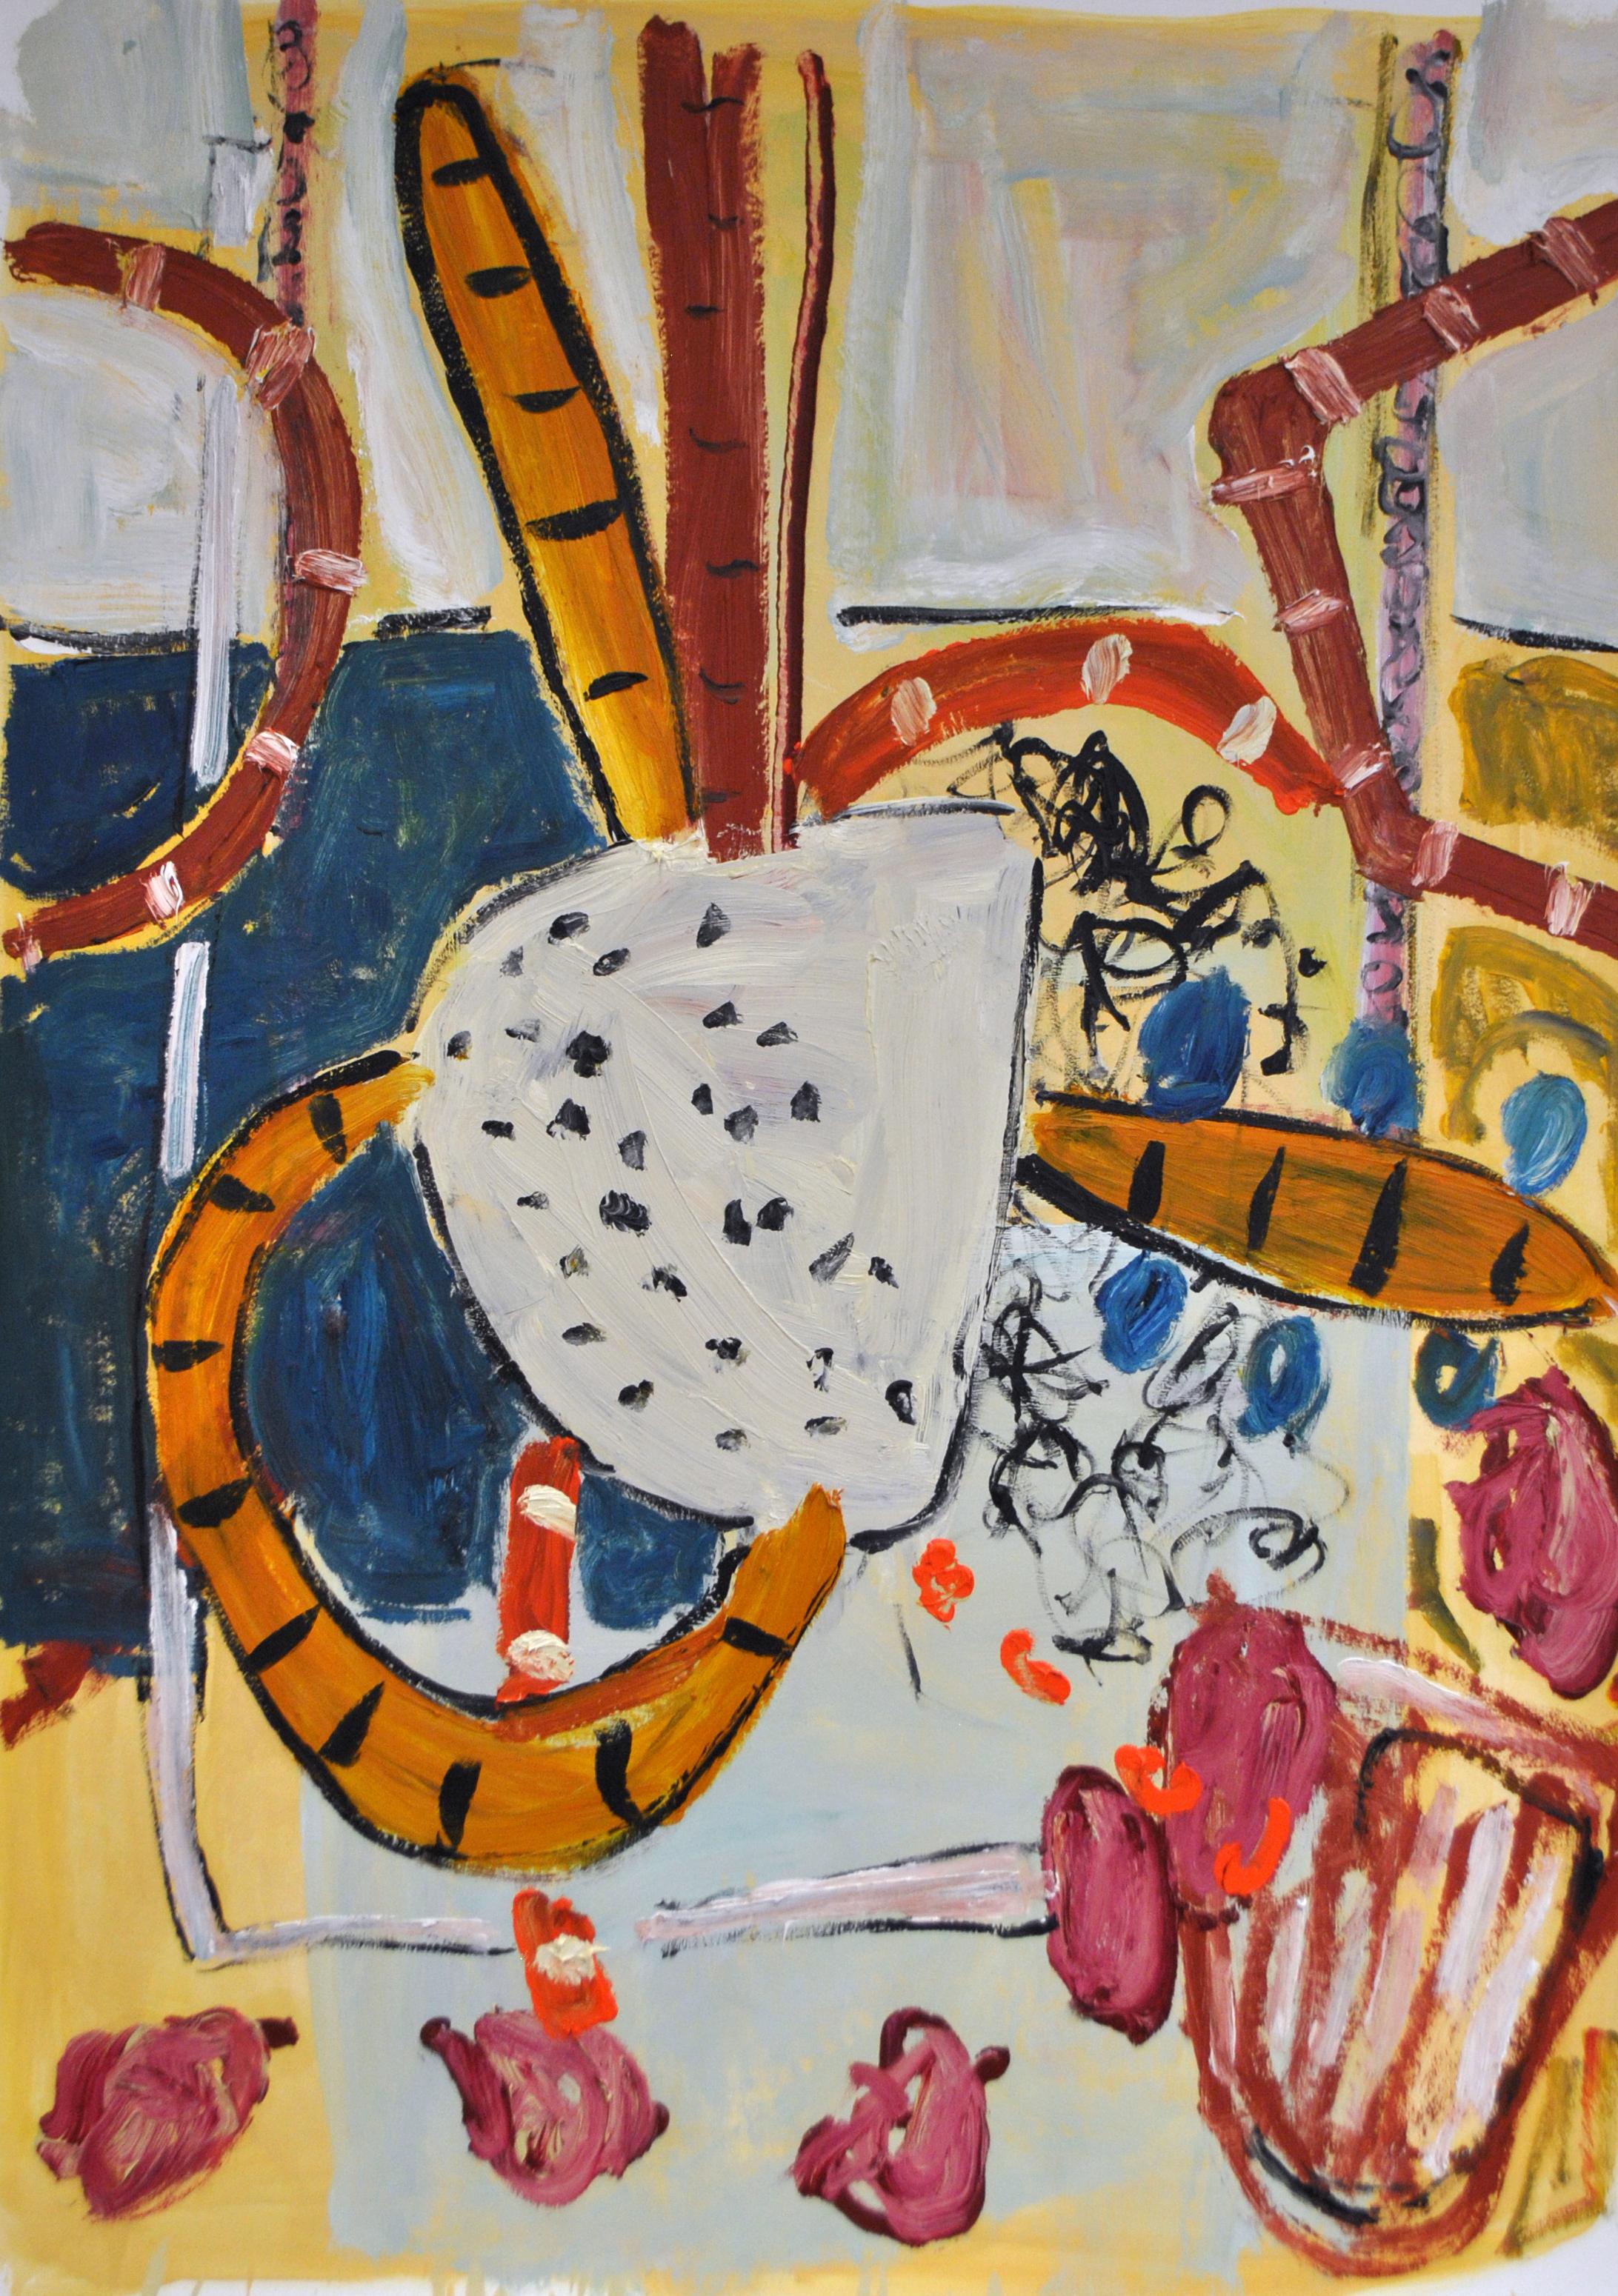 Alec Cumming, Knots of Knot, oil on paper, 91x66cm, 2015.jpg